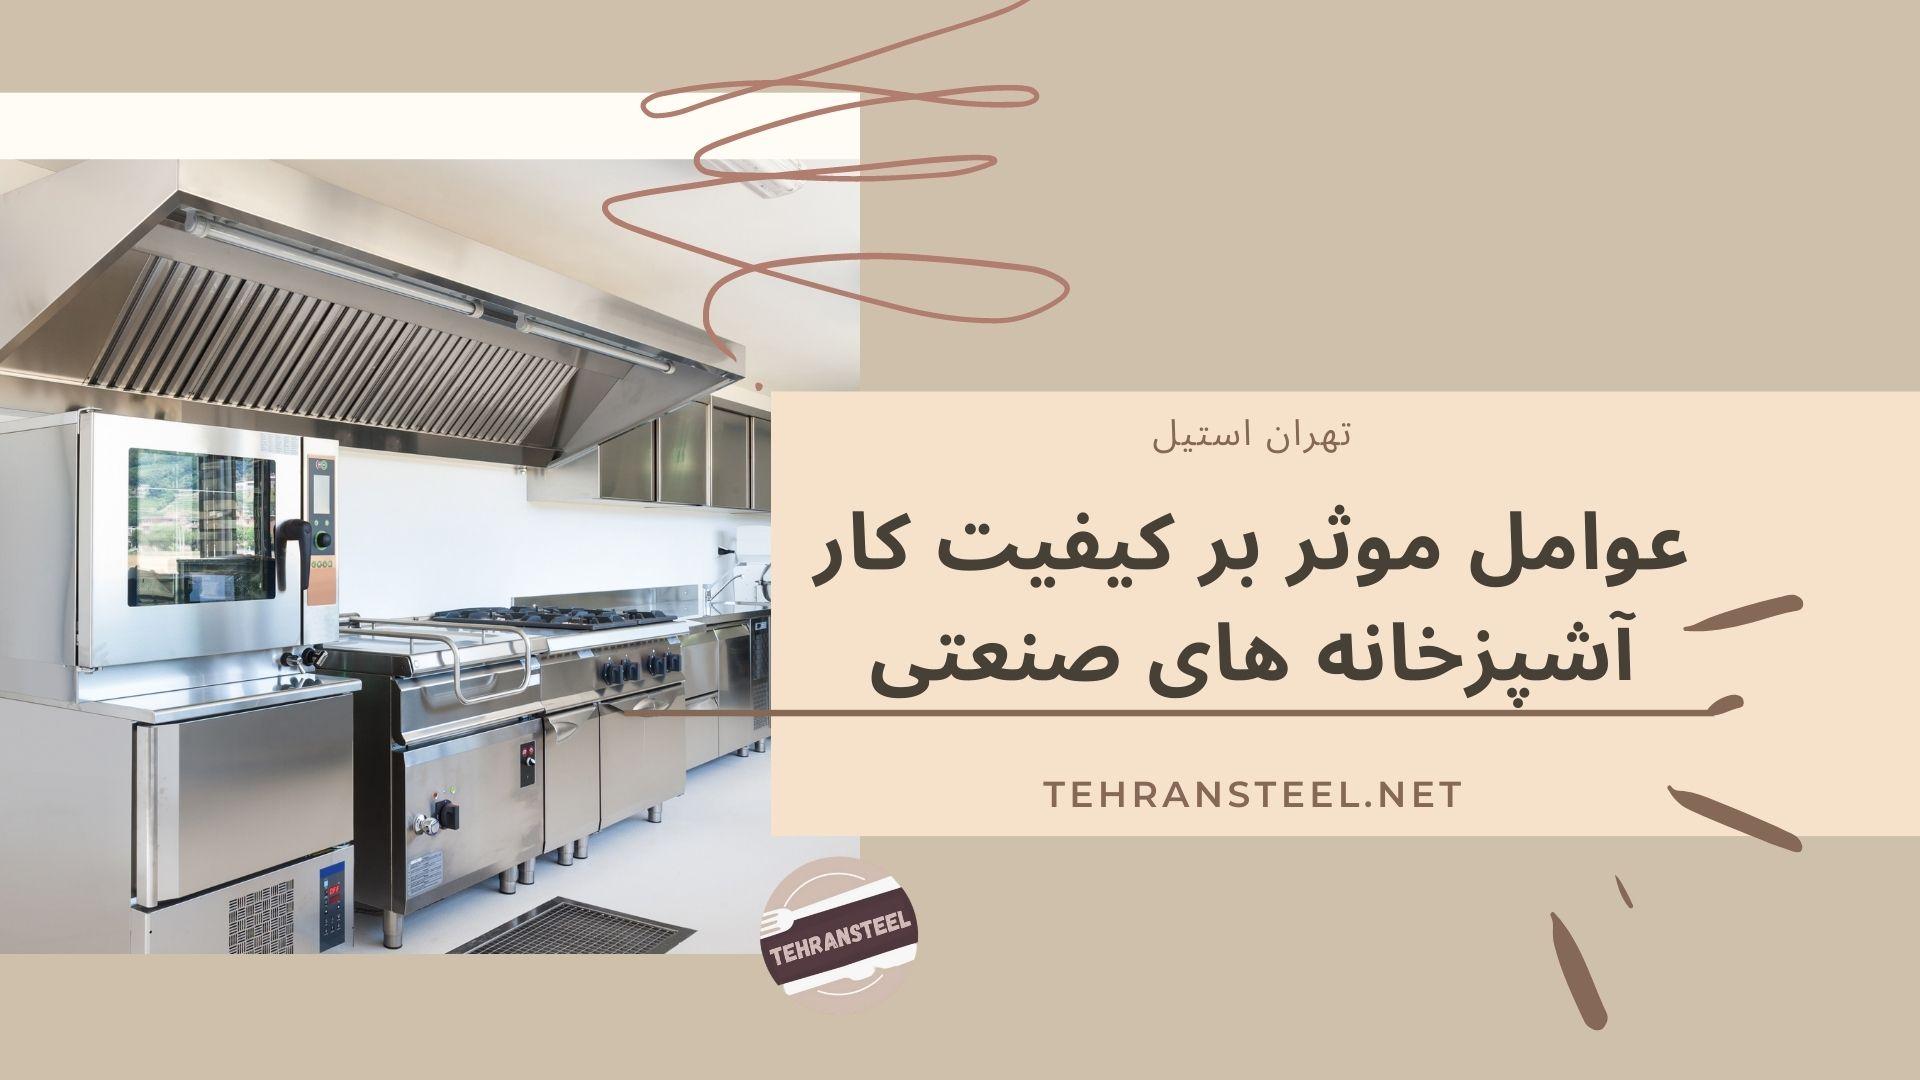 عوامل موثر بر کیفیت کار آشپزخانه های صنعتی